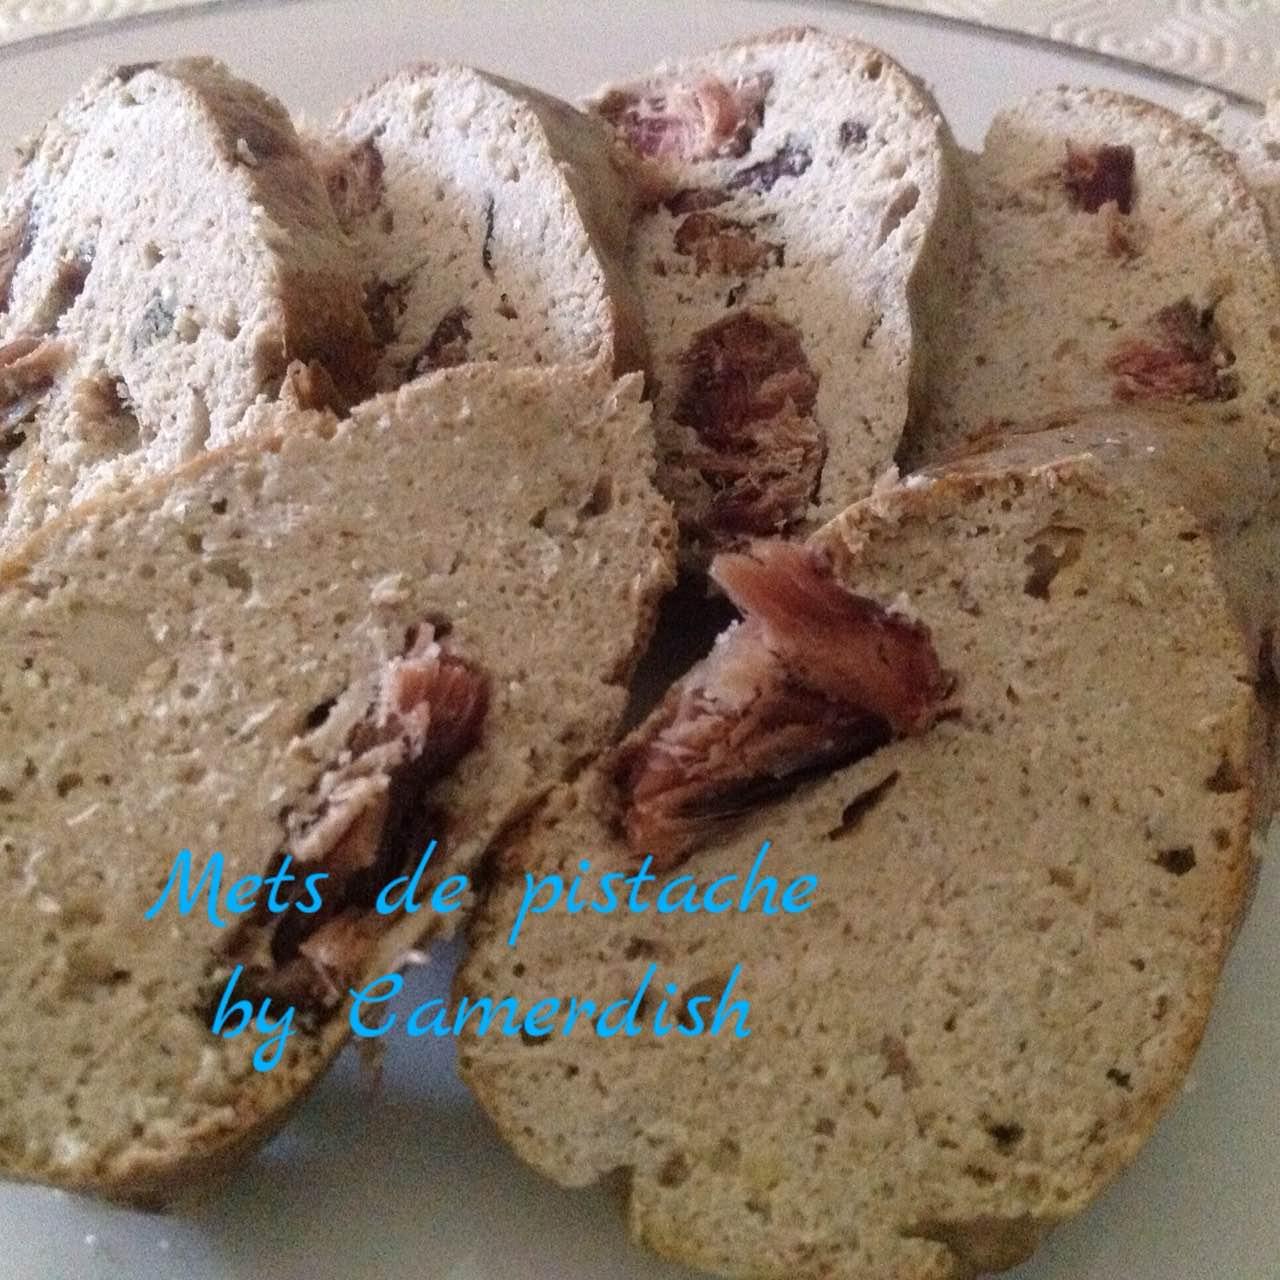 Gâteau de pistache